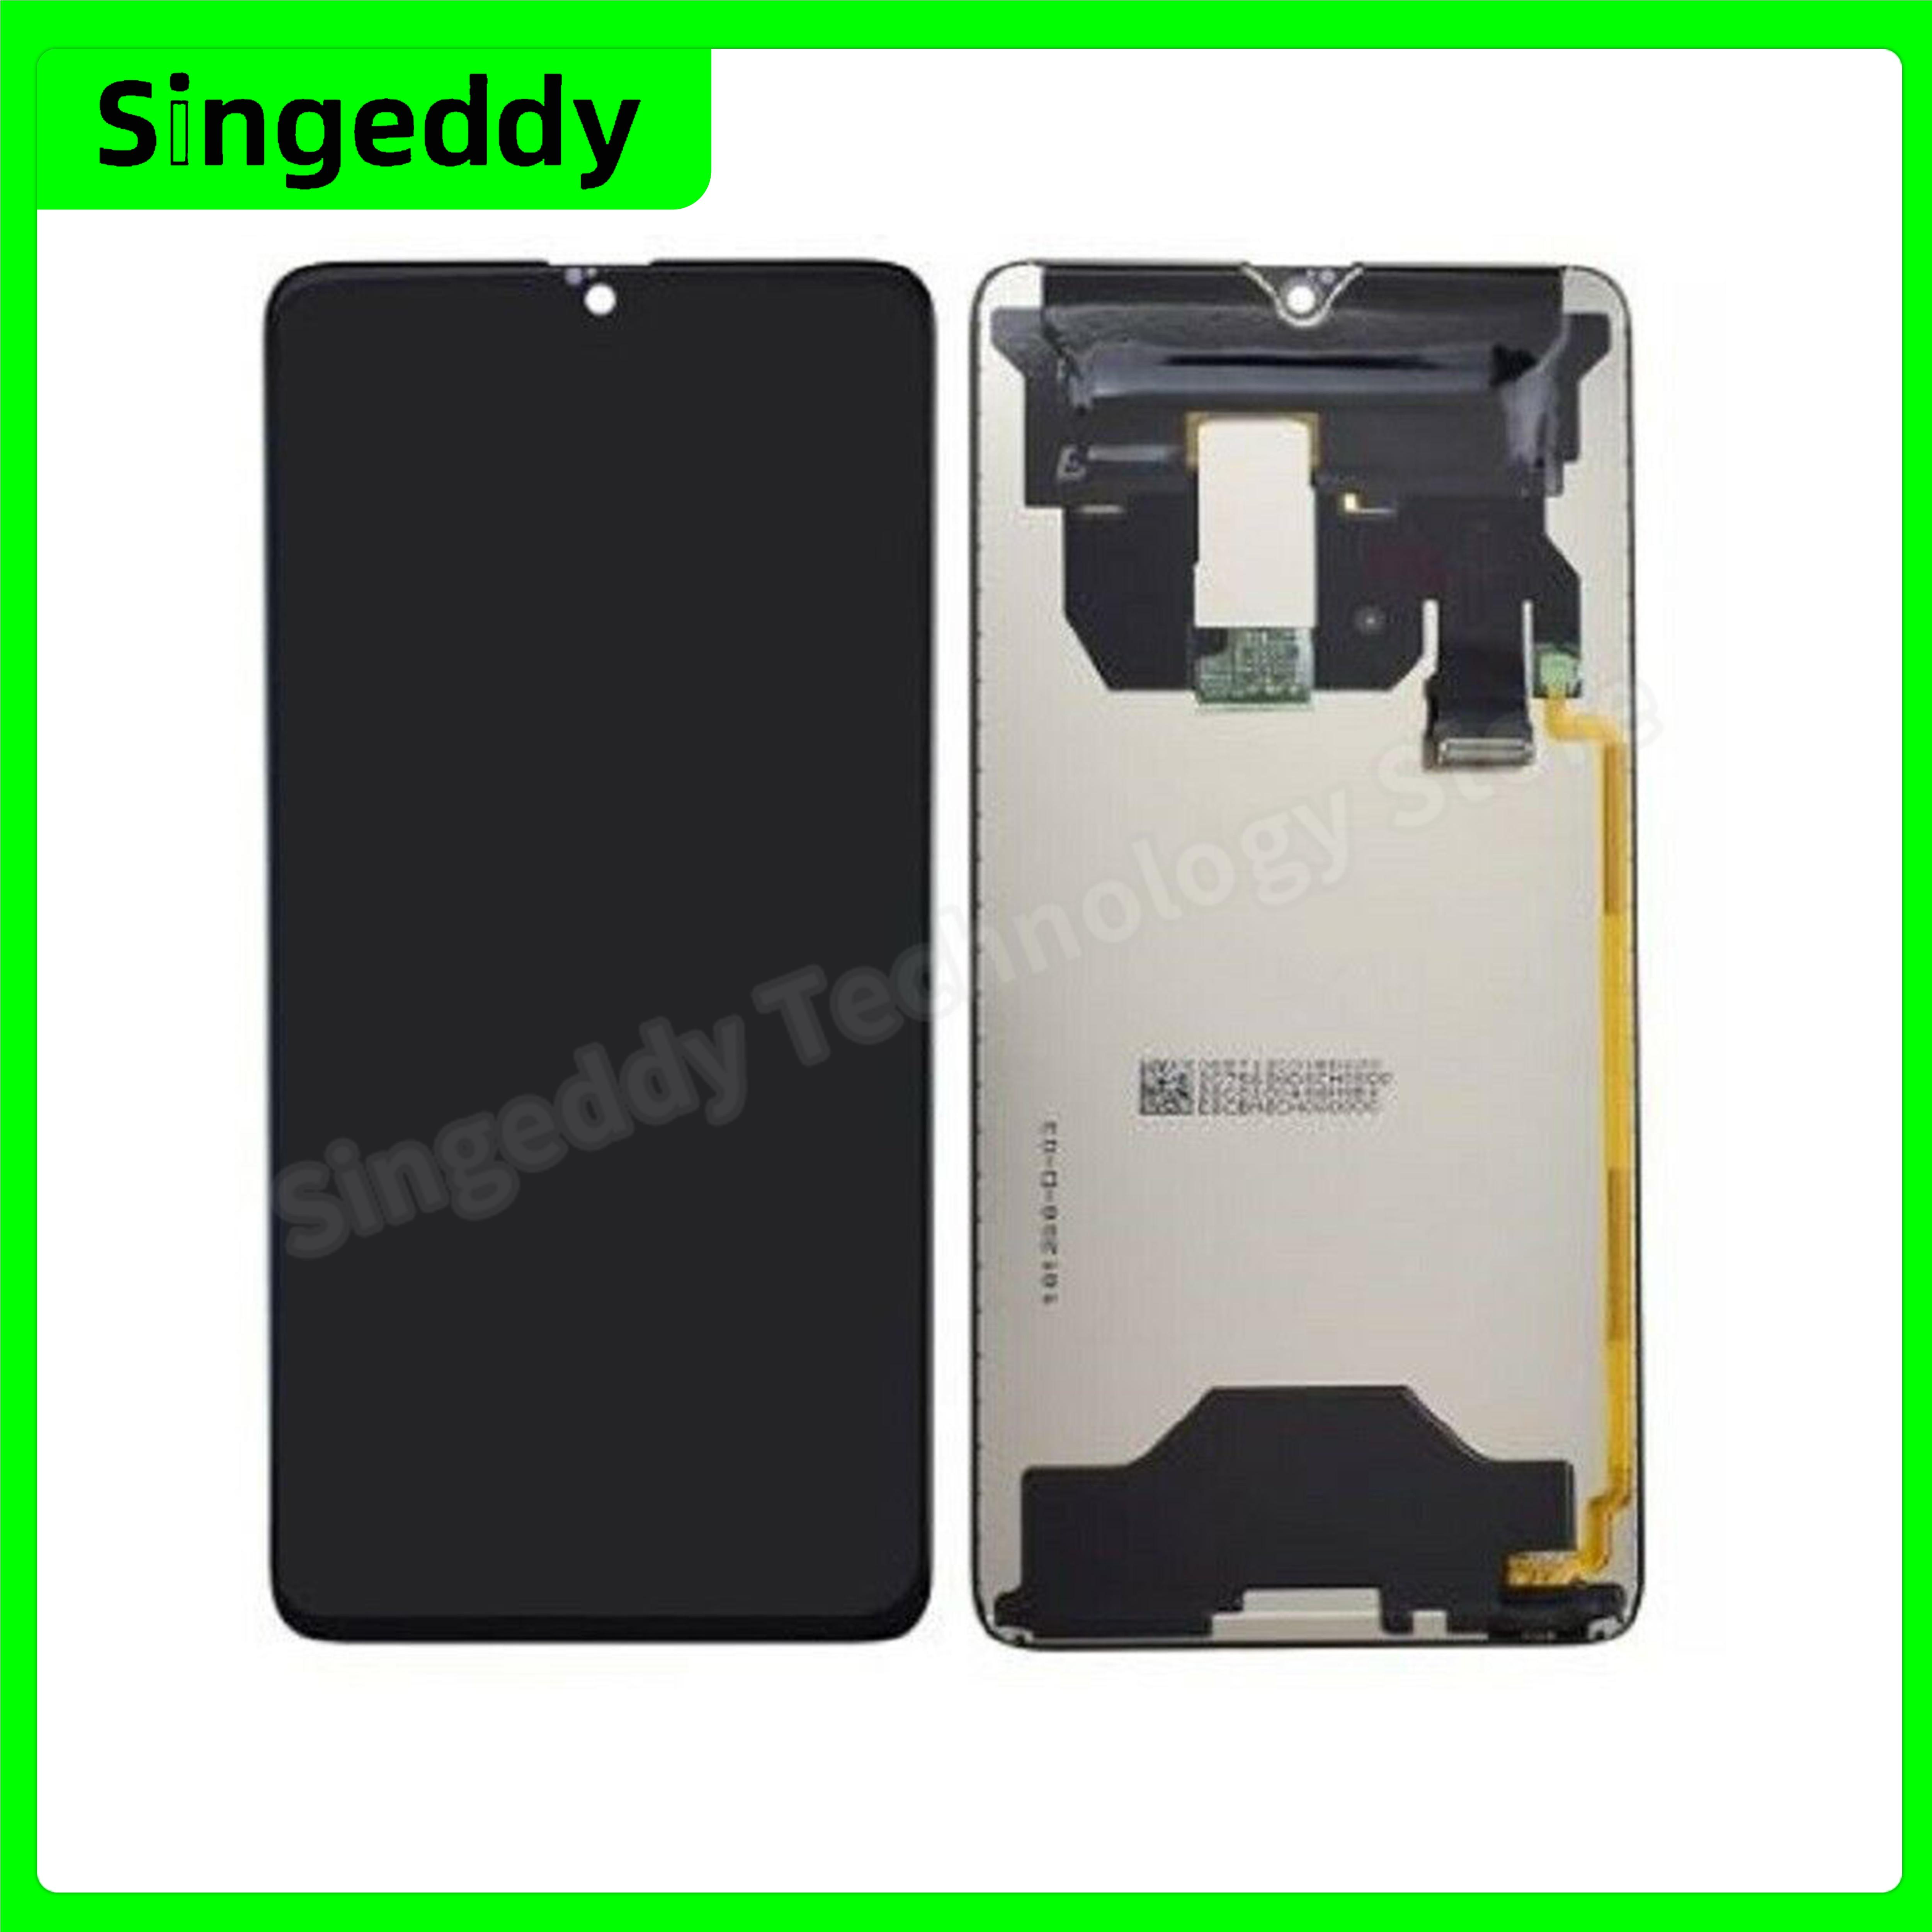 100% Original Display For Huawei MATE20 Mate 20 HMA-L09 HMA-L29 6.53'' LCD Touch Screen Digitizer Assembly Repair Parts enlarge